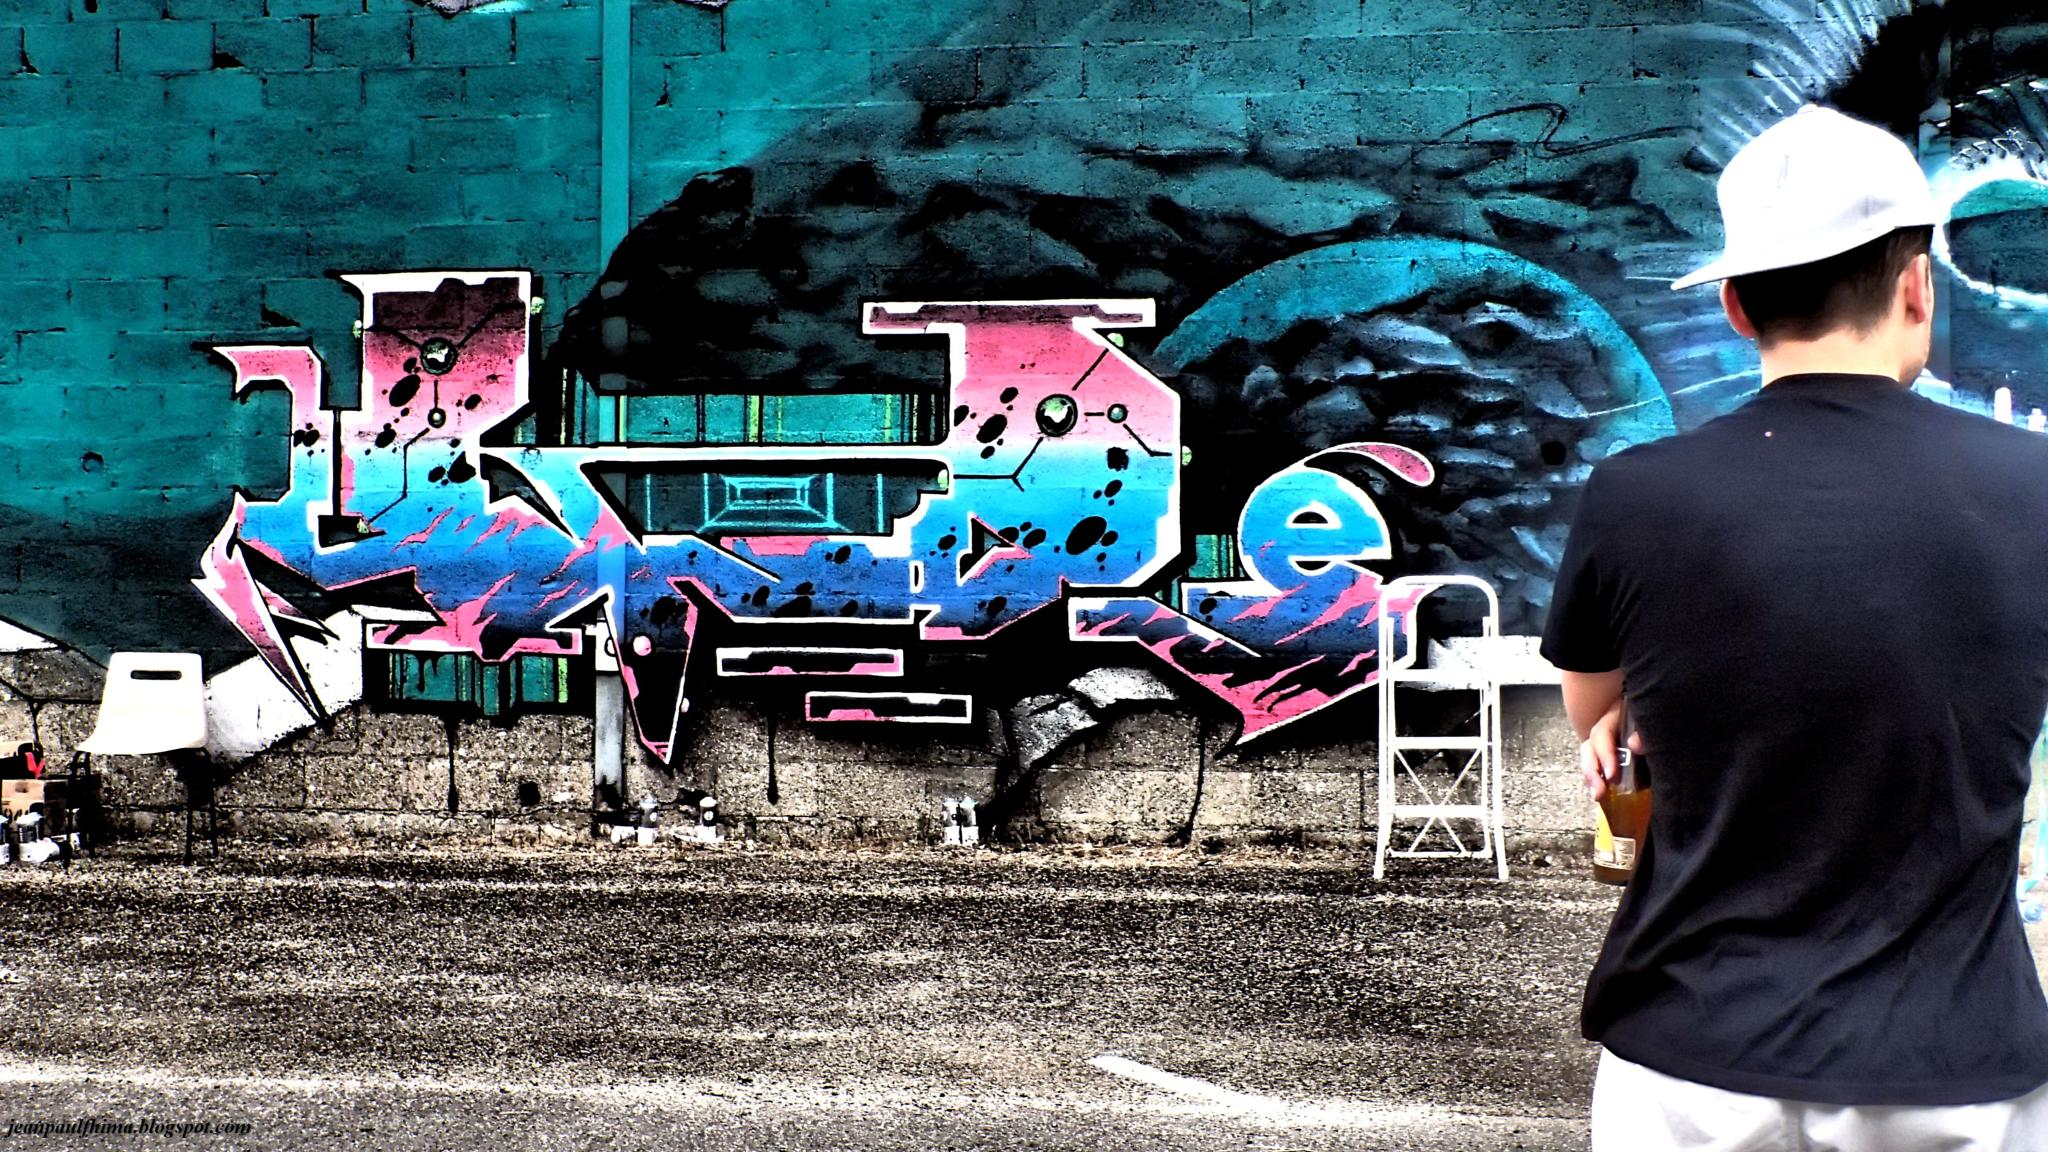 Mur 59 by Jean-Paul Fhima